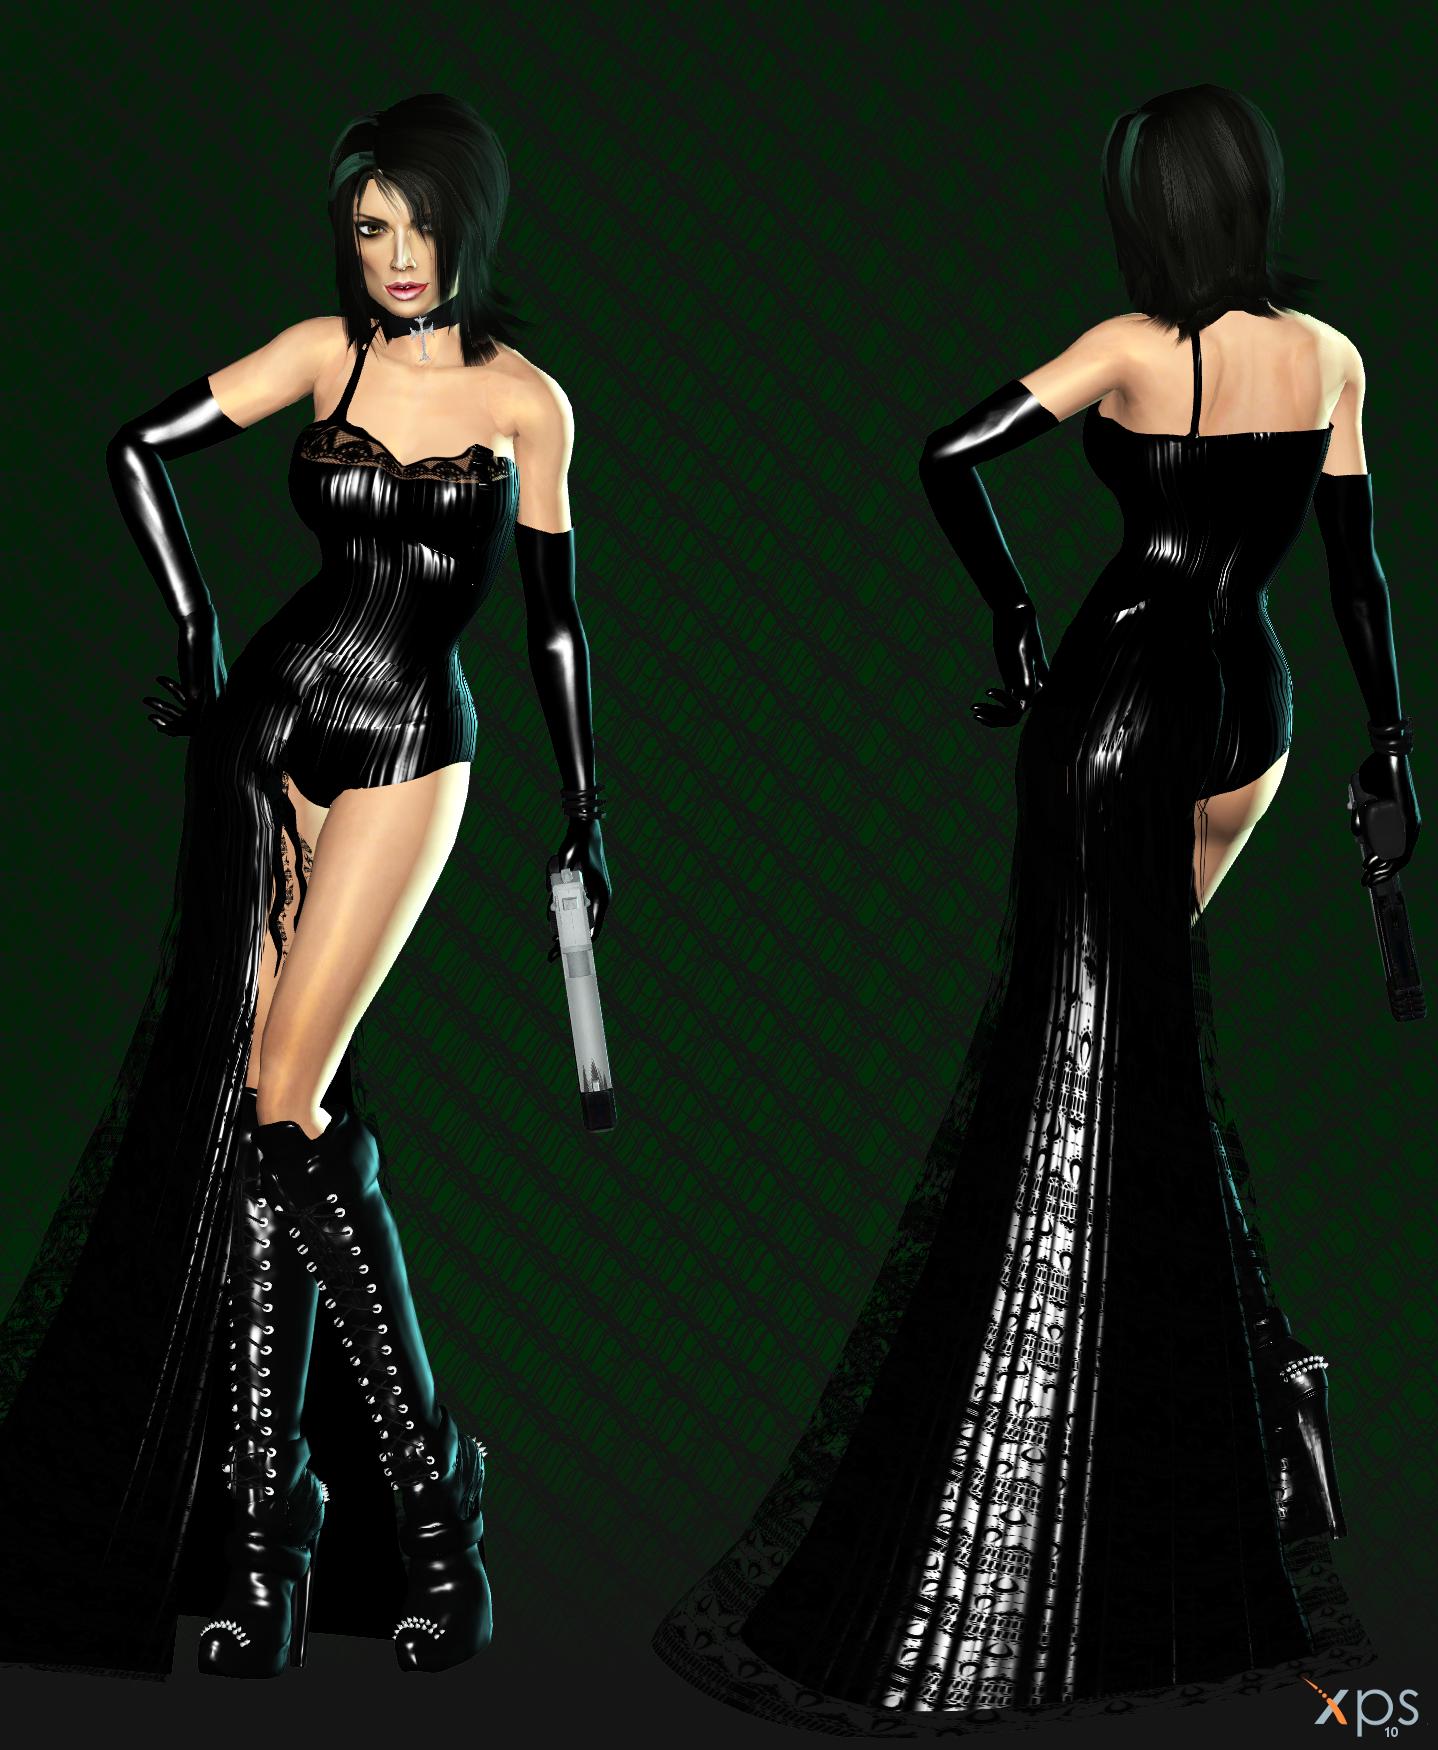 Black Assassin DL by ZayrCroft